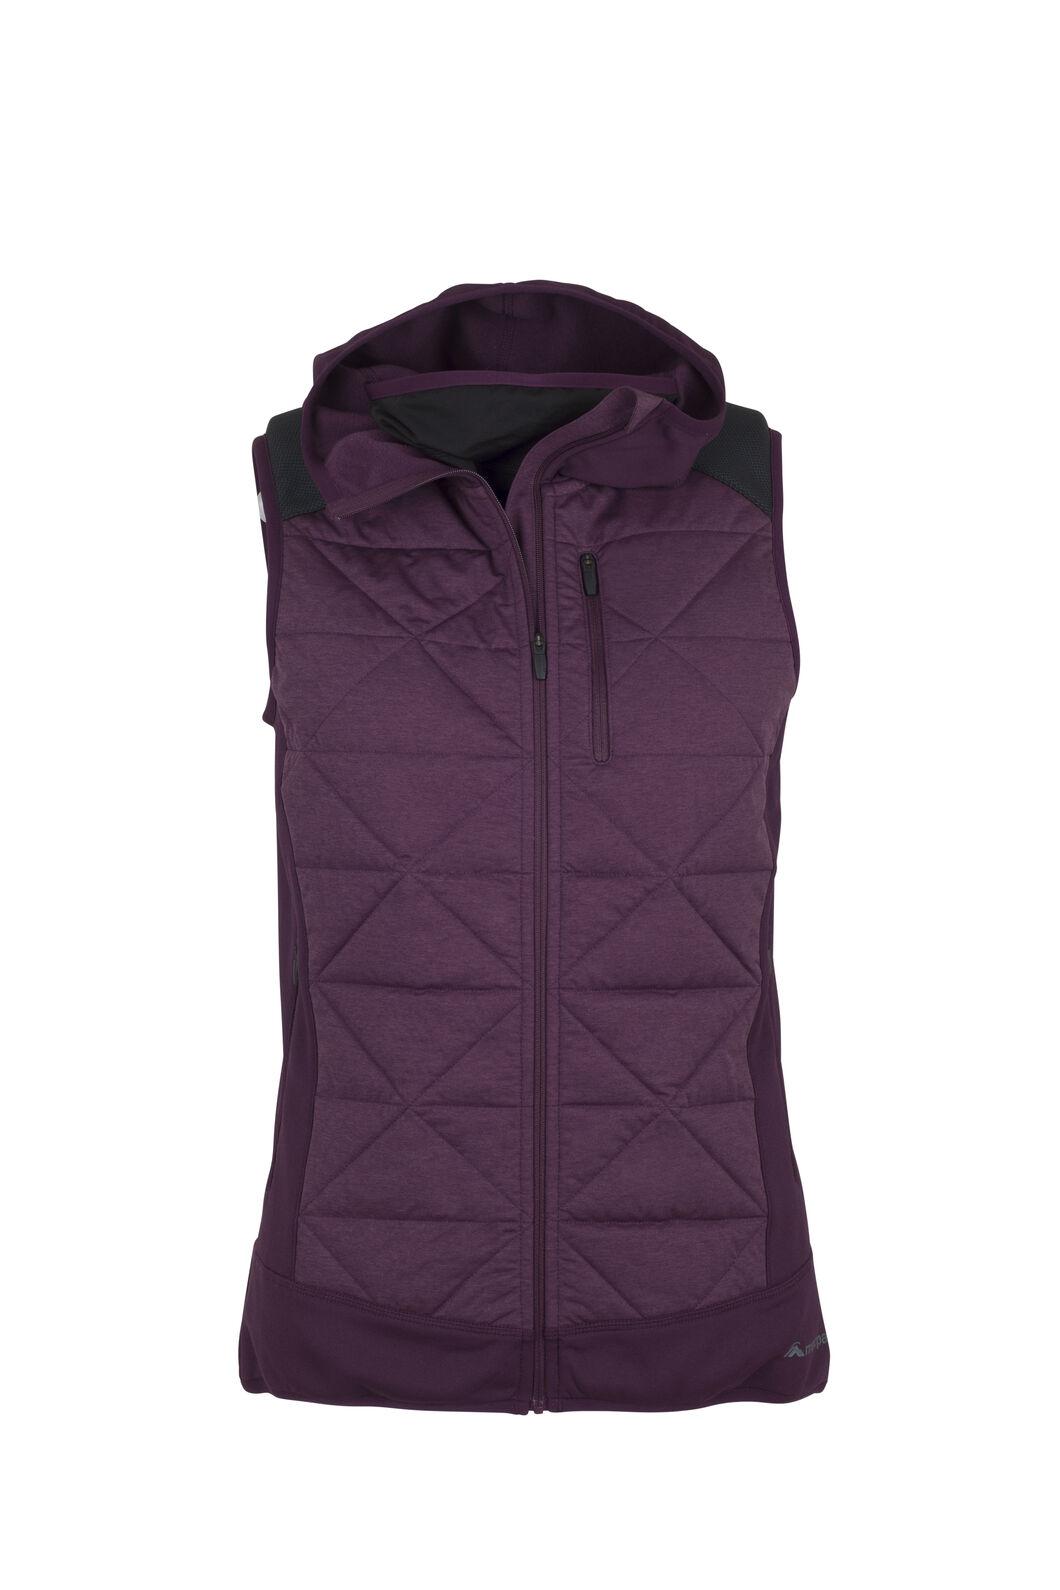 Macpac Accelerate PrimaLoft® Vest - Women's, Potent Purple, hi-res